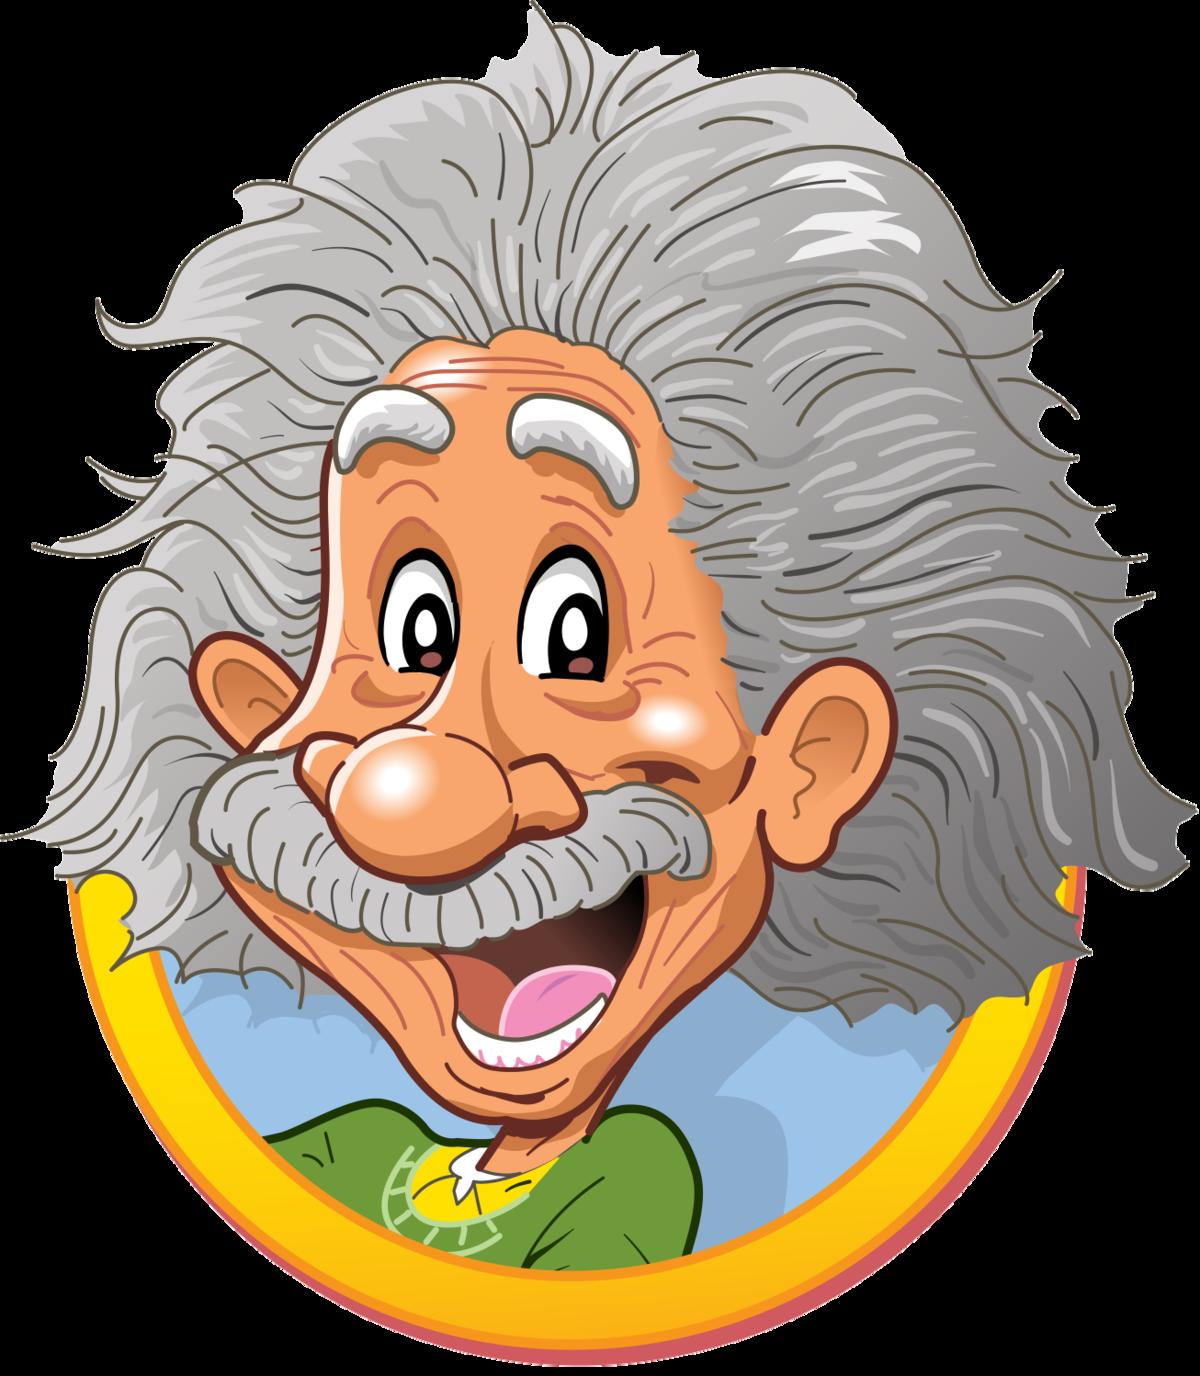 сейчас ситец эйнштейн смешные картинки характеристика